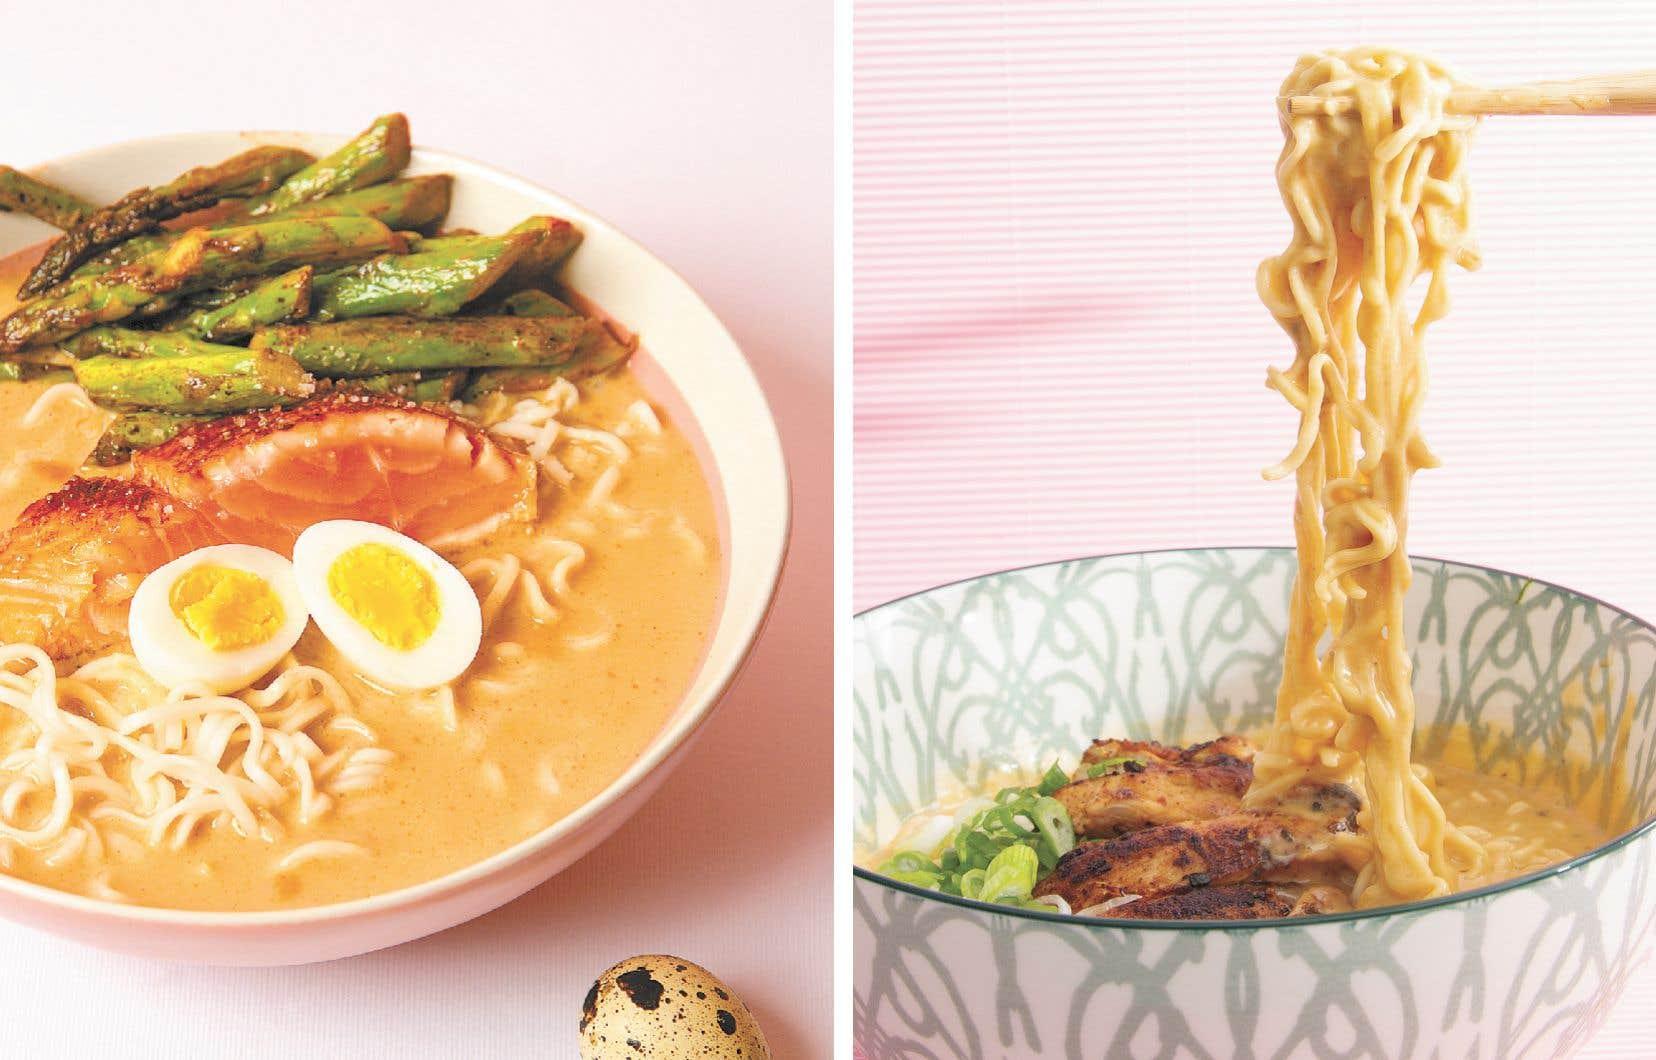 Geneviève Everell a créé une centaine de recettes de soupes, dont la soupe Saumon et asperges citronnées ainsi que la soupe Ramen and cheese.